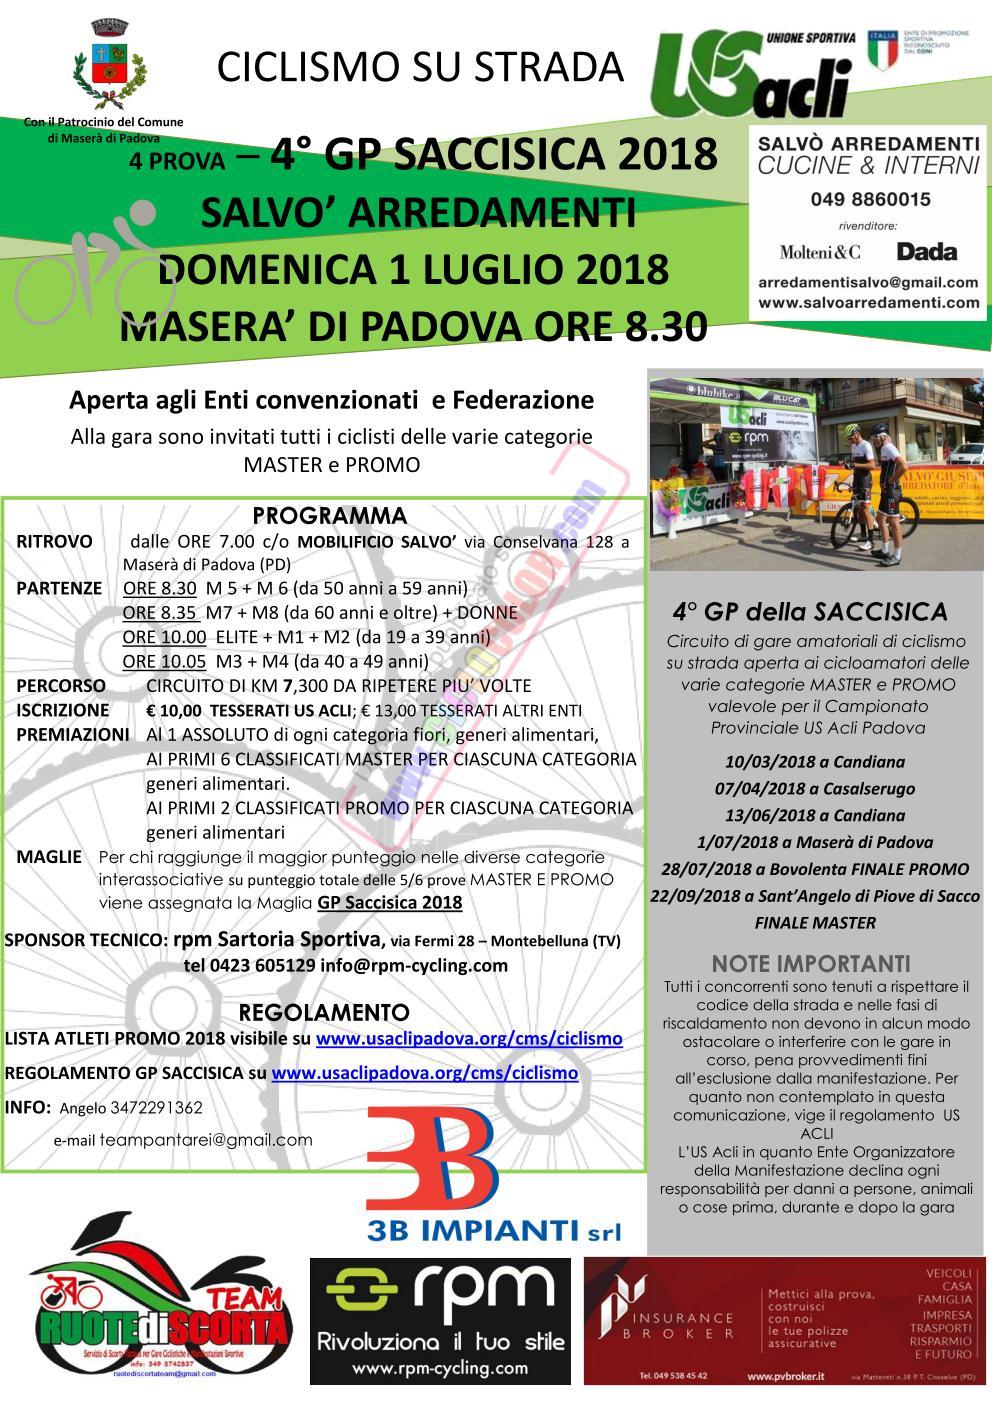 Domenica 1 Luglio 2018 quarta prova G.P Saccisica - Maserà Di Padova (PD)